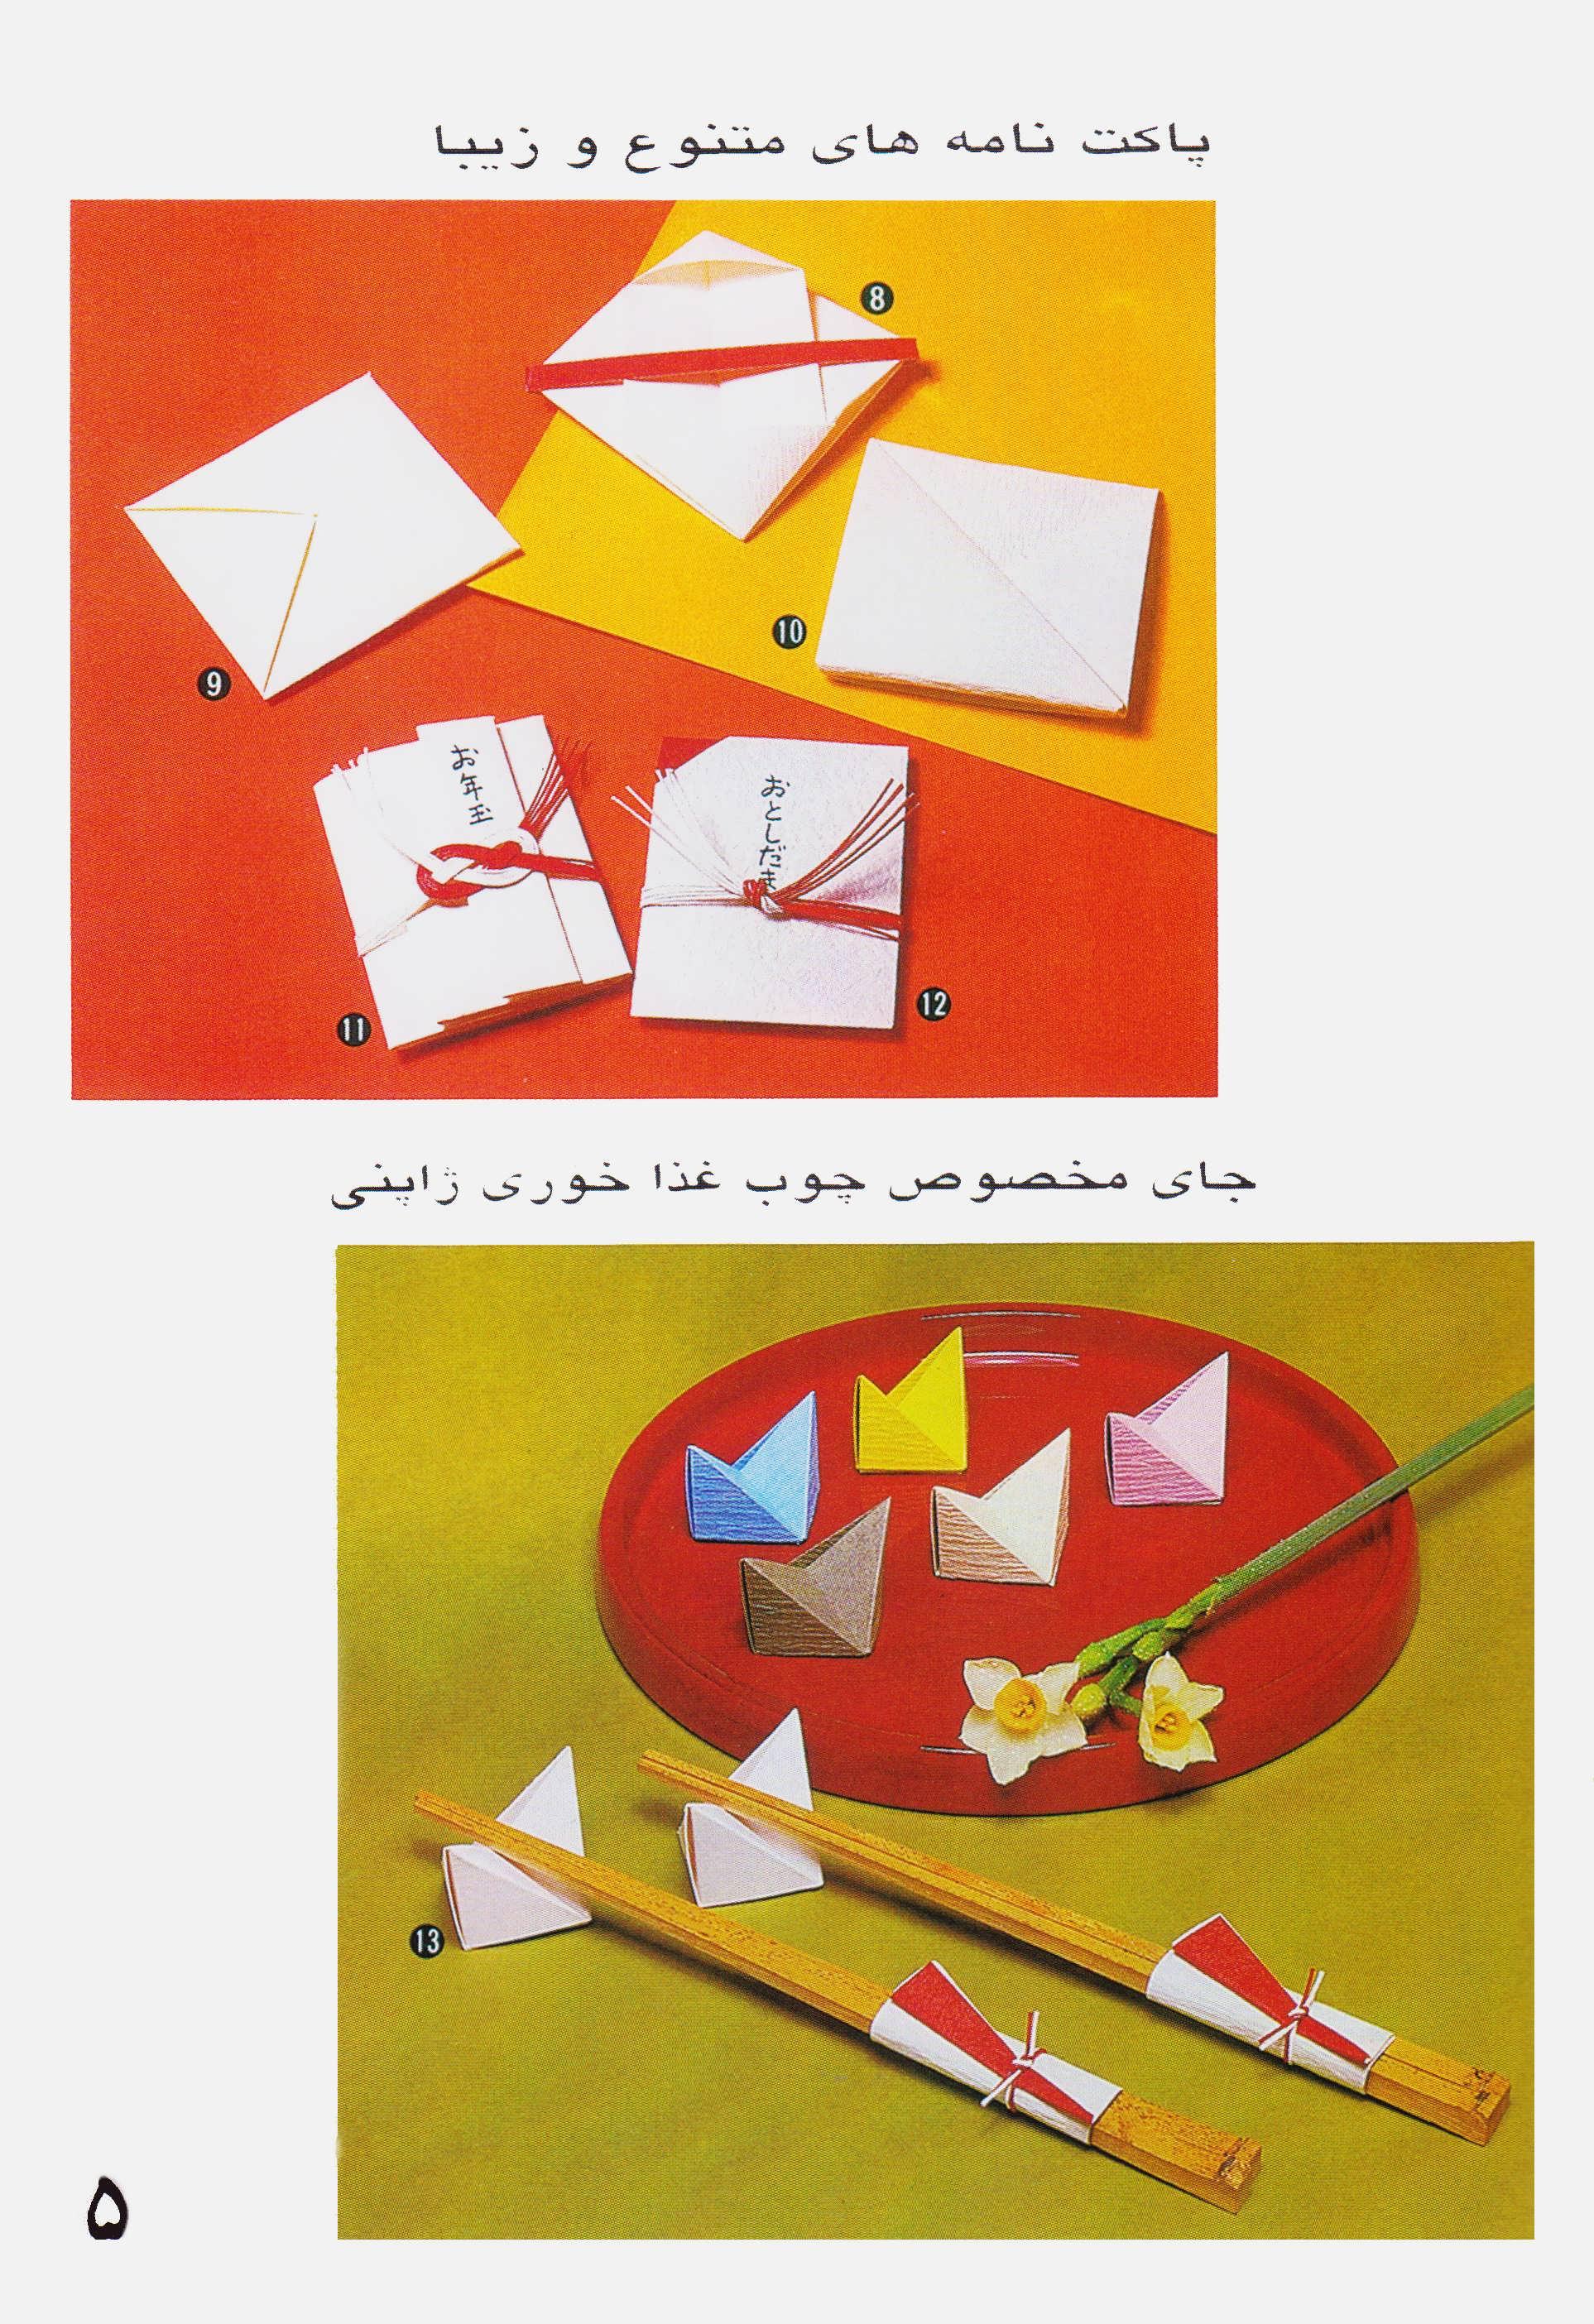 دنیای هنر جعبه سازی با کاغذ و مقوا 2 (جعبه های کادوئی)